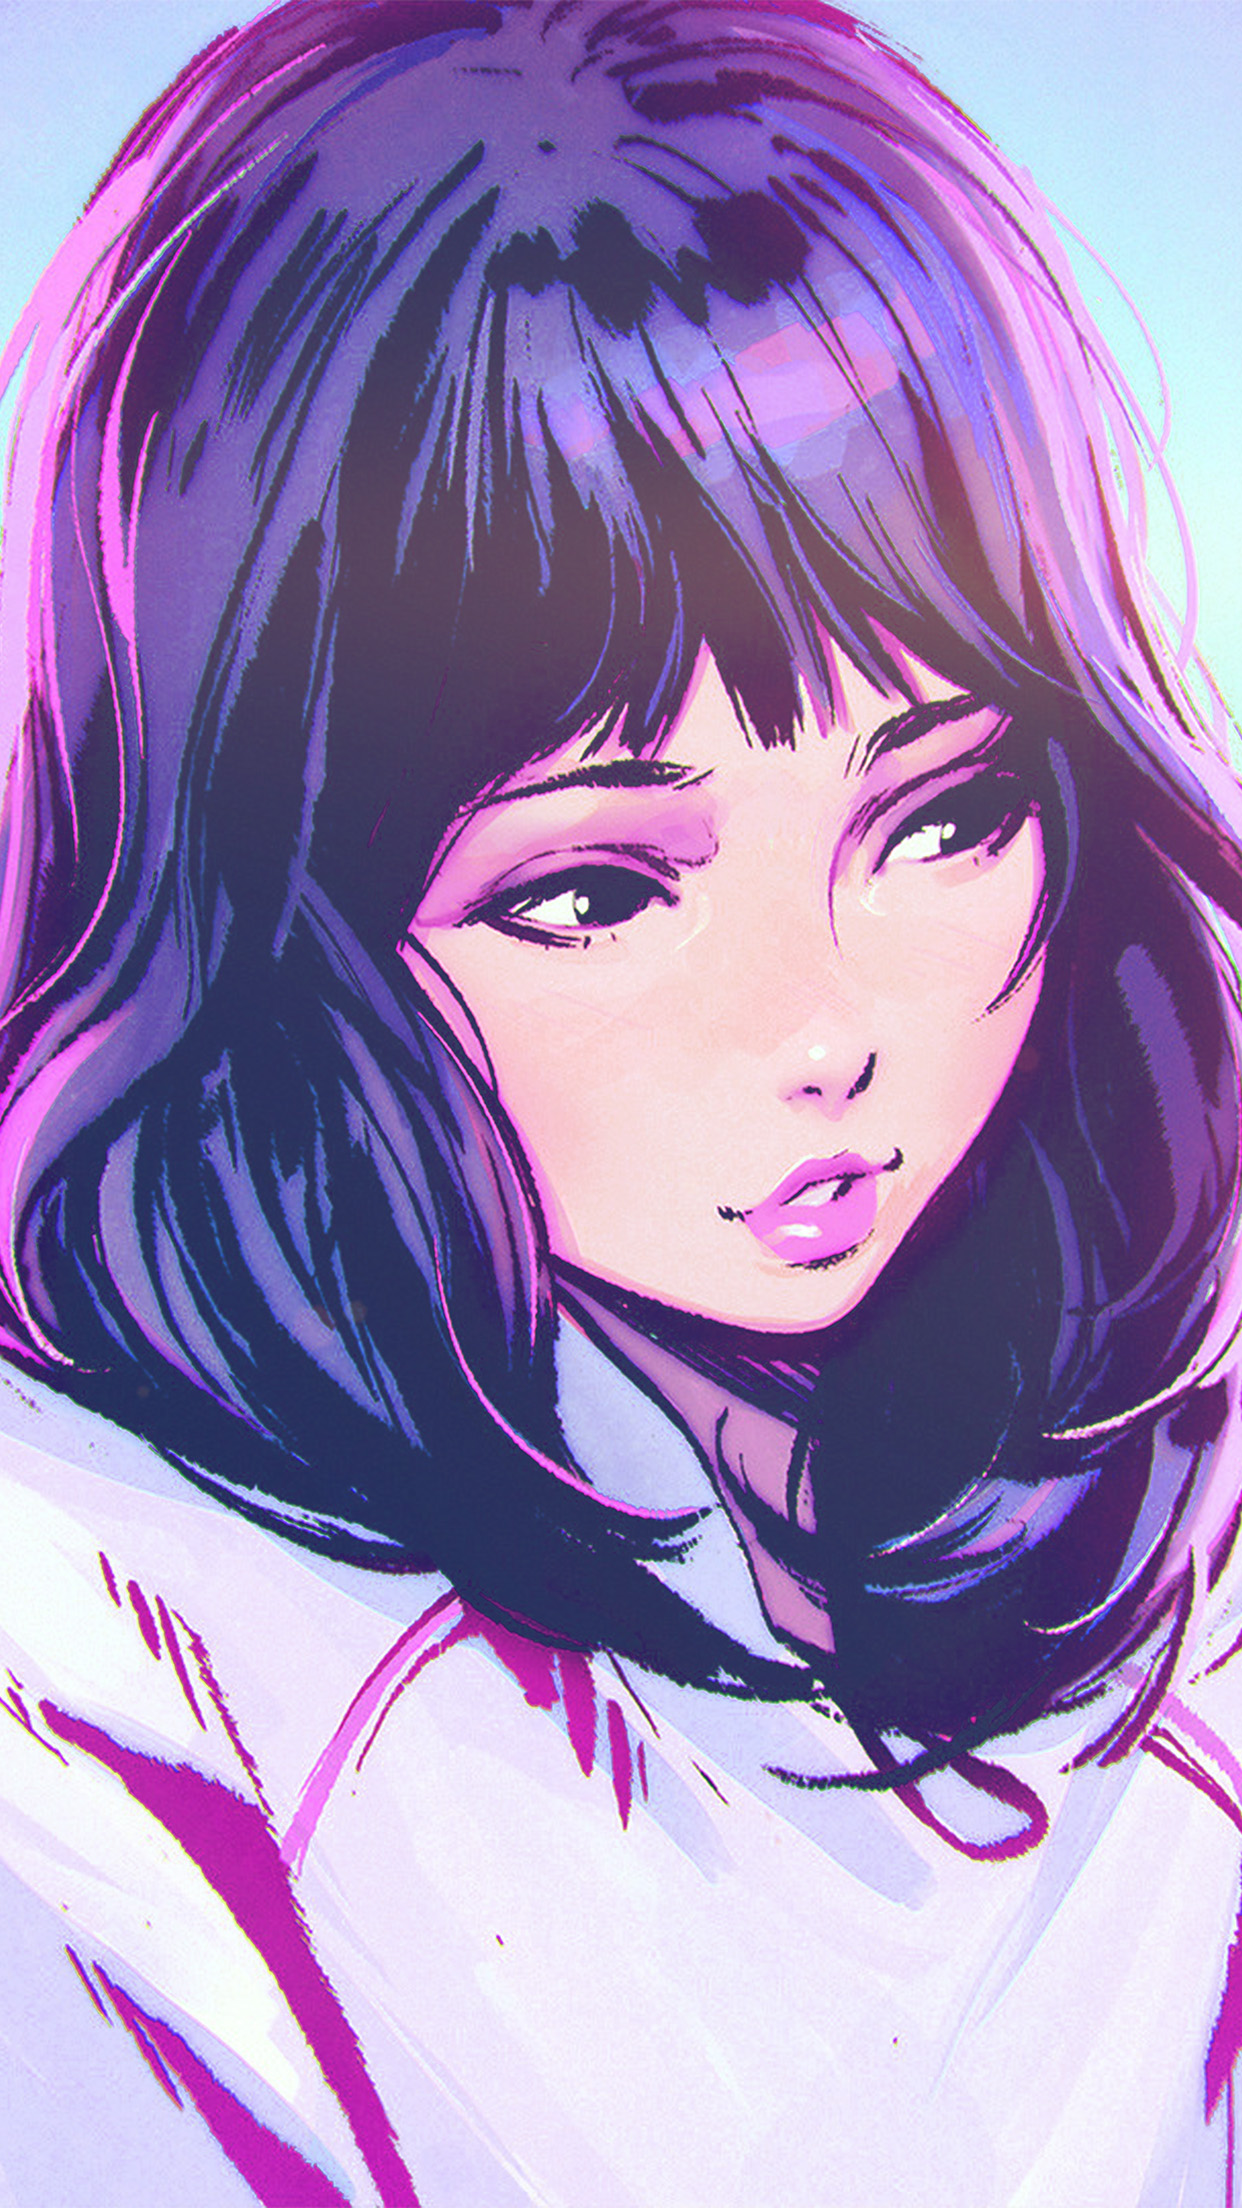 Lg Optimus 3d Wallpaper Aw58 Ilya Kuvshinov Girl Blue Face Illustration Art Wallpaper